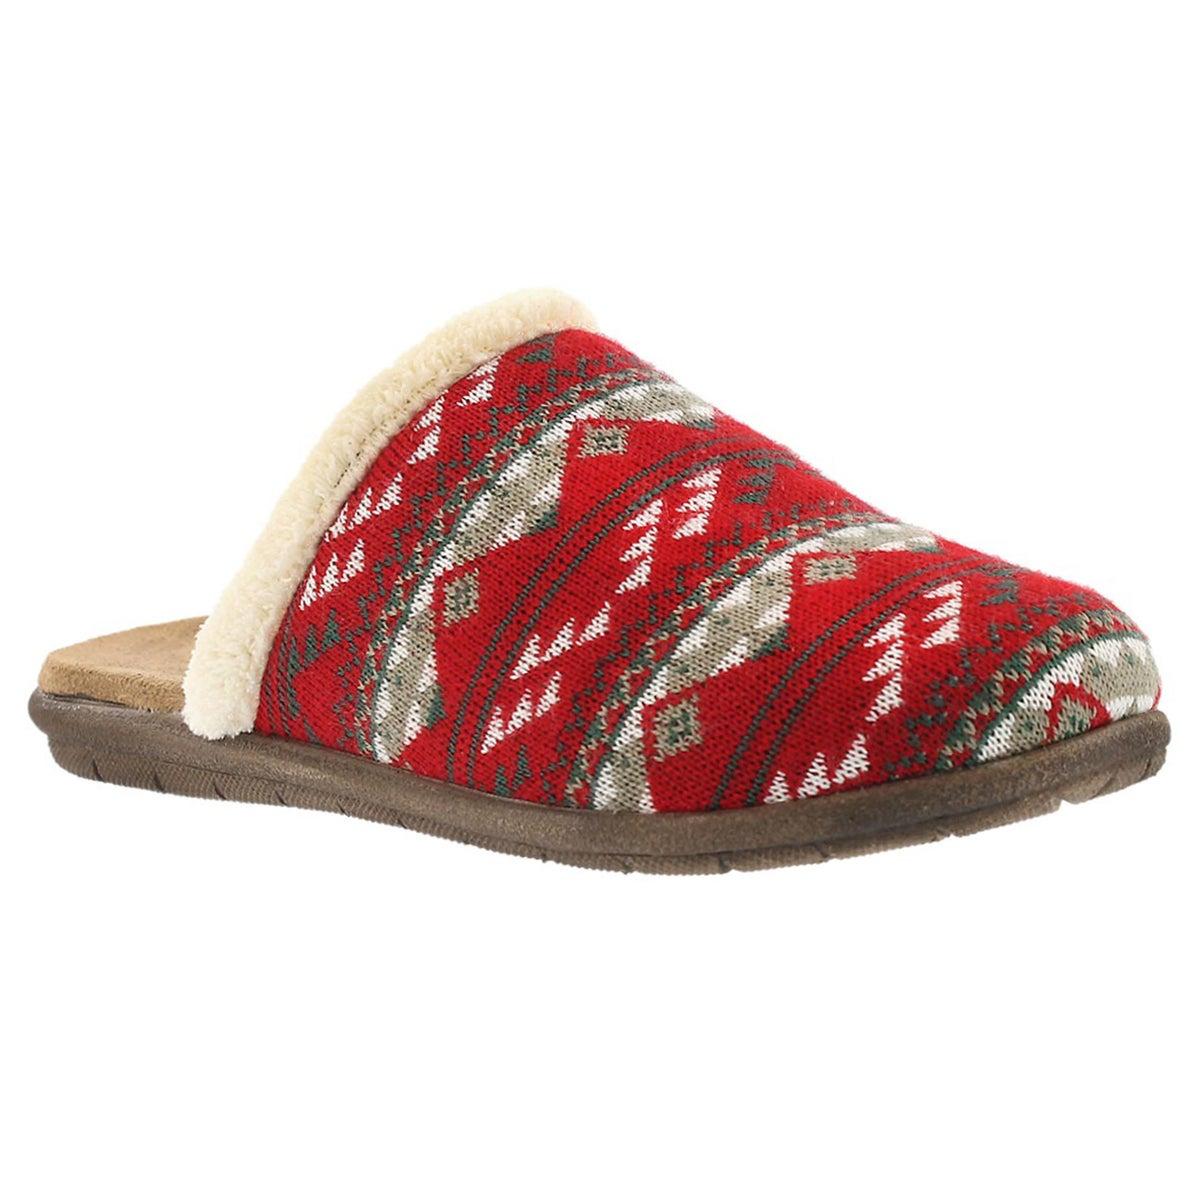 Women's HAZEL red open back slippers